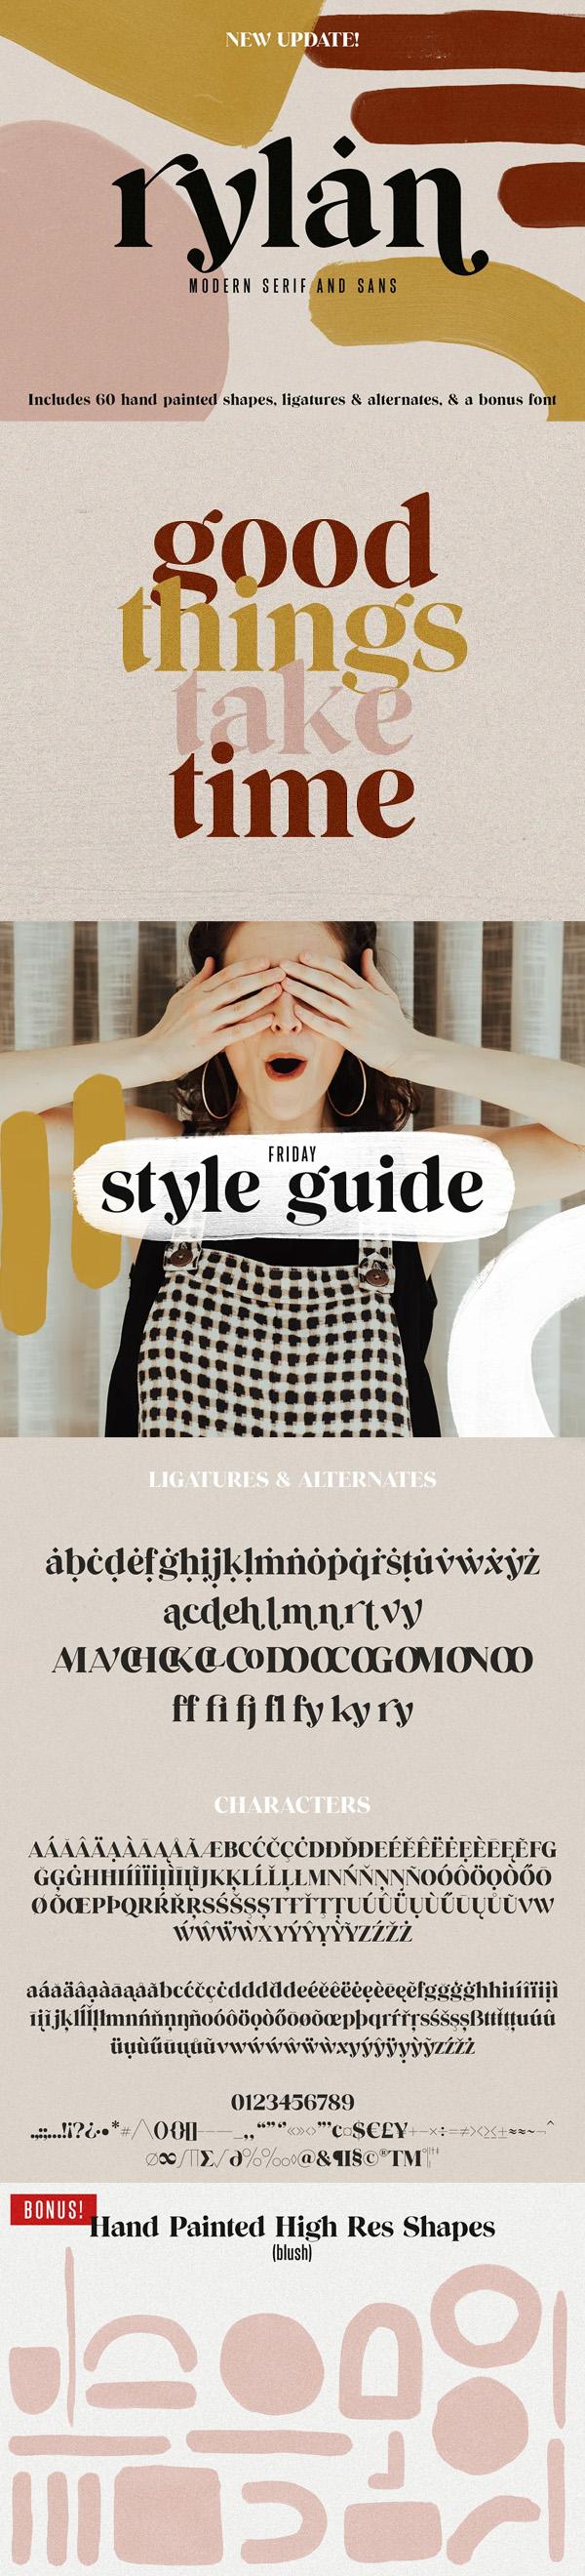 Rylan Modern Serif + Extras Free Font